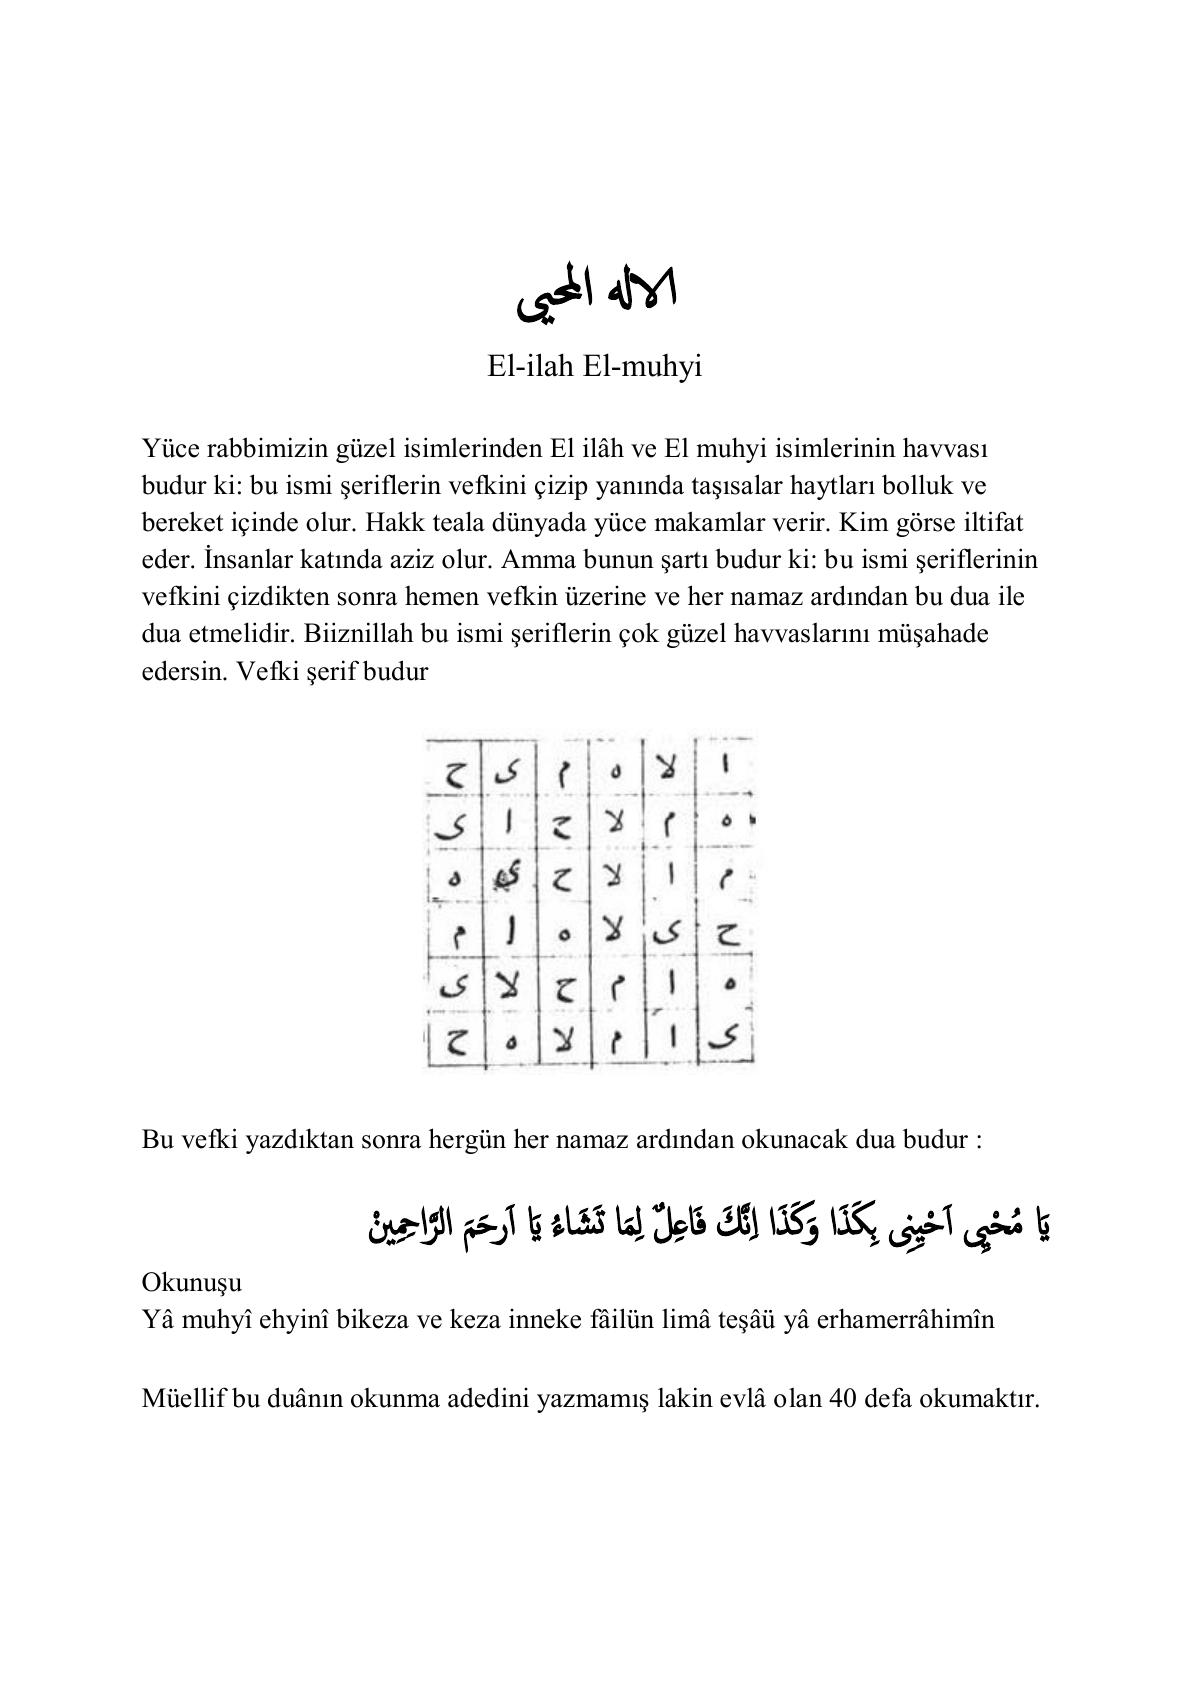 El-ilah ve El-muhyi havvasları